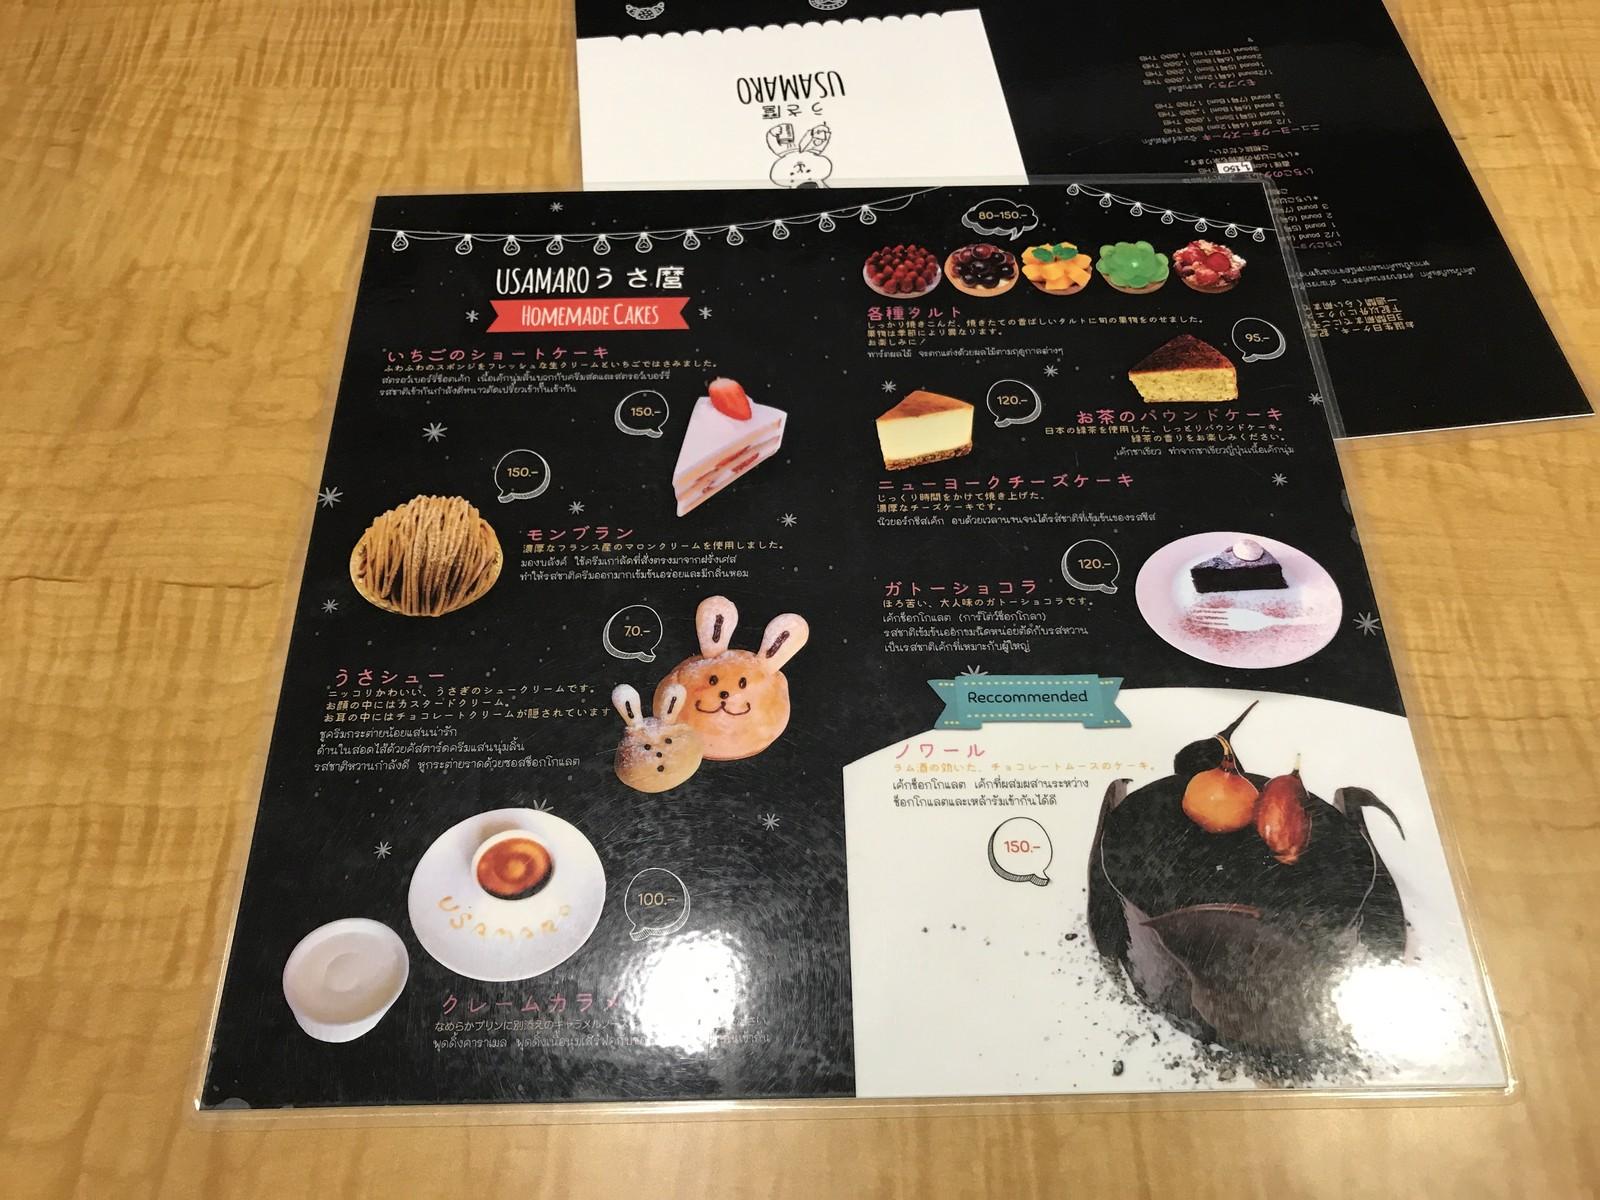 うさ麿 USAMARO 日本人パティシエ バンコク プロンポン (1)